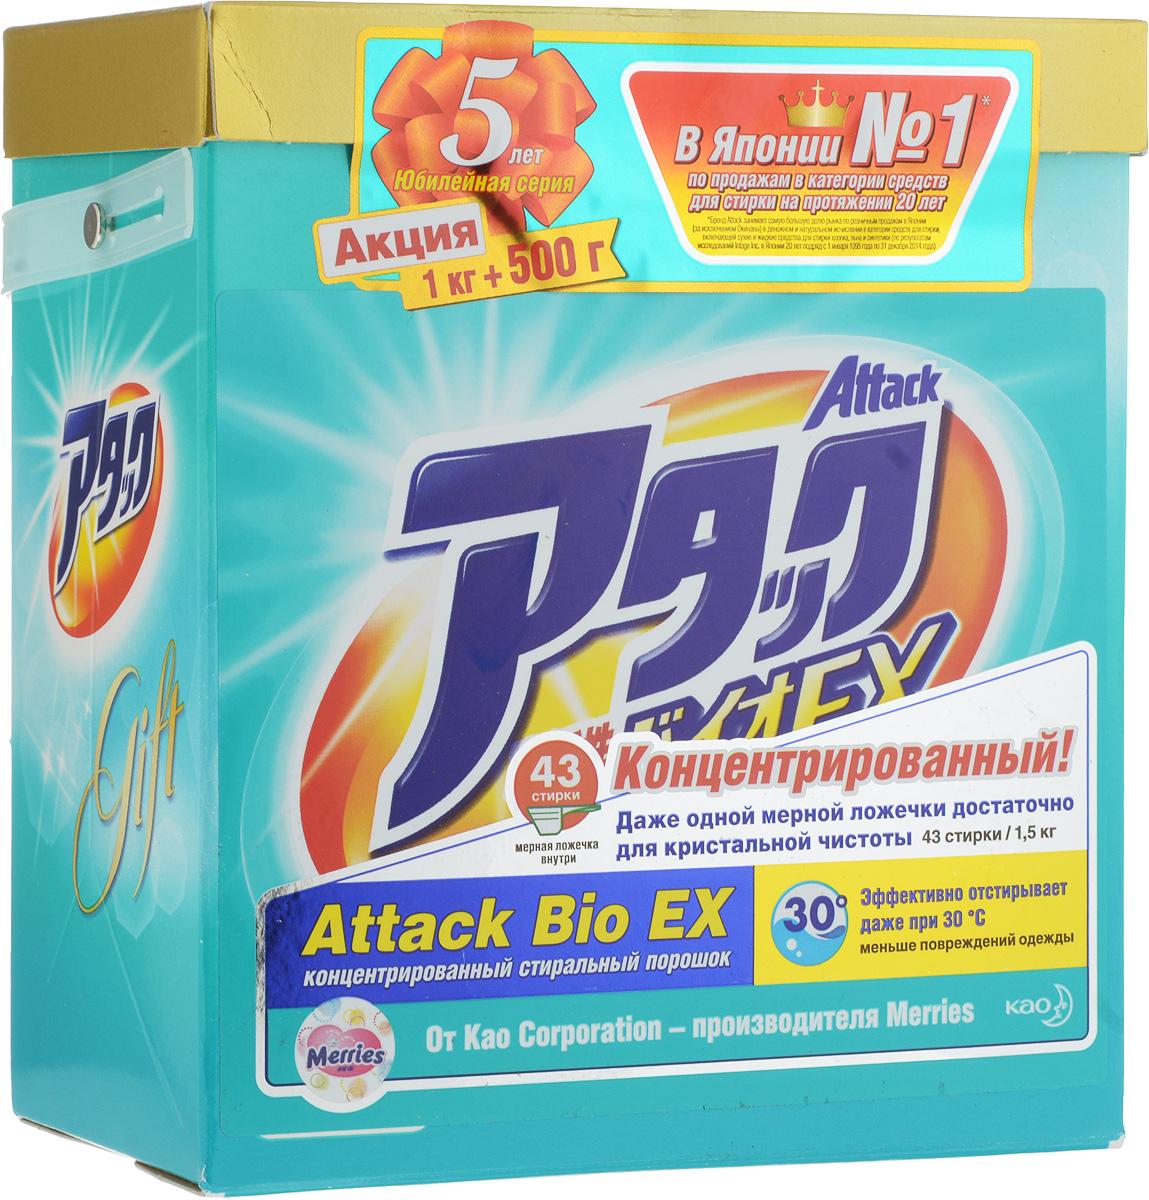 Порошок стиральный Attack Bio EX, универсальный, концентрированный, 1,5 кг620300013Стиральный порошок Attack Bio EX предназначен для стирки белых, цветных и темных тканей(хлопок, лен,синтетика). Не подходит для стирки шерсти и шелка. Благодаря гранулам, содержащим воздух, средство быстро растворяется в холодной воде ихорошо вымывается, неоставляя мелких частиц, раздражающих кожу.Особенности стирального порошка Attack Bio EX:- проникает глубоко в волокно и вымывает въевшуюся грязь, засаленность и неприятные запахи- безупречно отстирывает в холодной воде, что позволяет носить любимые вещи дольше,снизить время стирки ирасход электроэнергии, - сохраняет и усиливает яркость цветов, - не оставляет белых разводов, - не содержит фосфатов и хлора, - биоразлагаемый, - обладает приятным ароматом. Состав: 15-30% цеолит, 5-15% анионоактивные ПАВ, неионогенный ПАВ, поликарбоксилат;Товар сертифицирован.Уважаемые клиенты! Обращаем ваше внимание на то, что упаковка может иметь несколько видовдизайна.Поставка осуществляется в зависимости от наличия на складе.